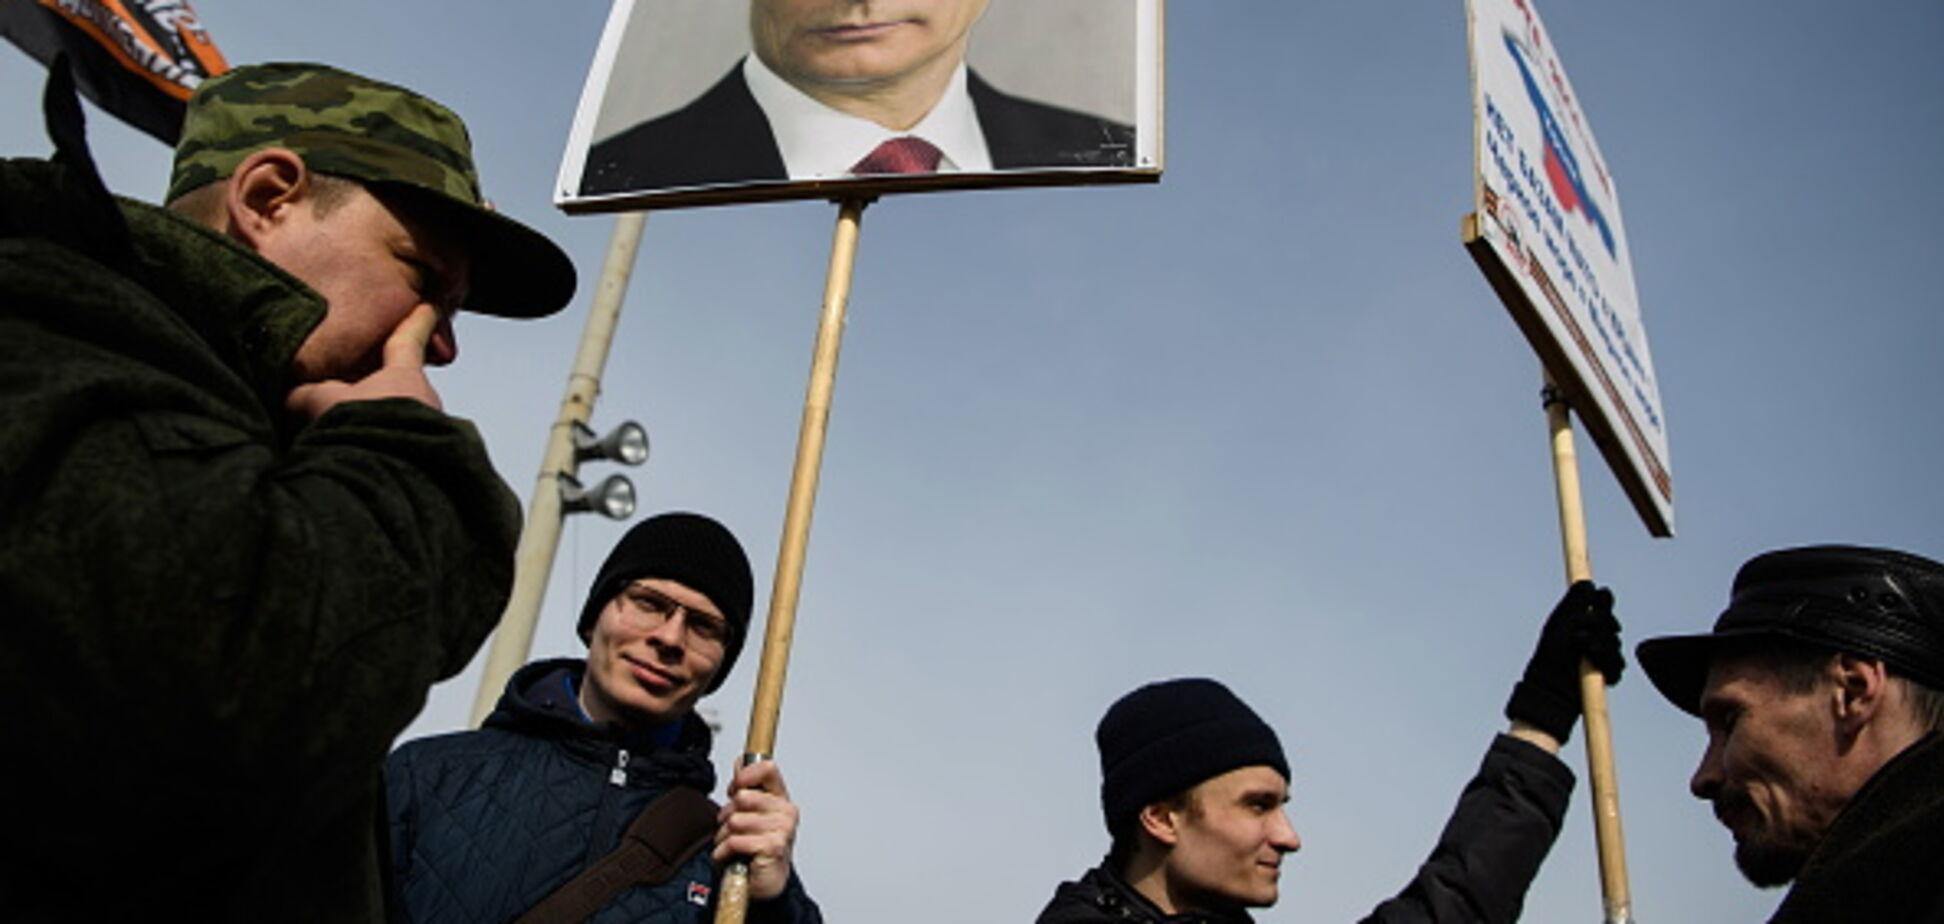 Залякати Україну: німецькі ультраправі прибули до Криму